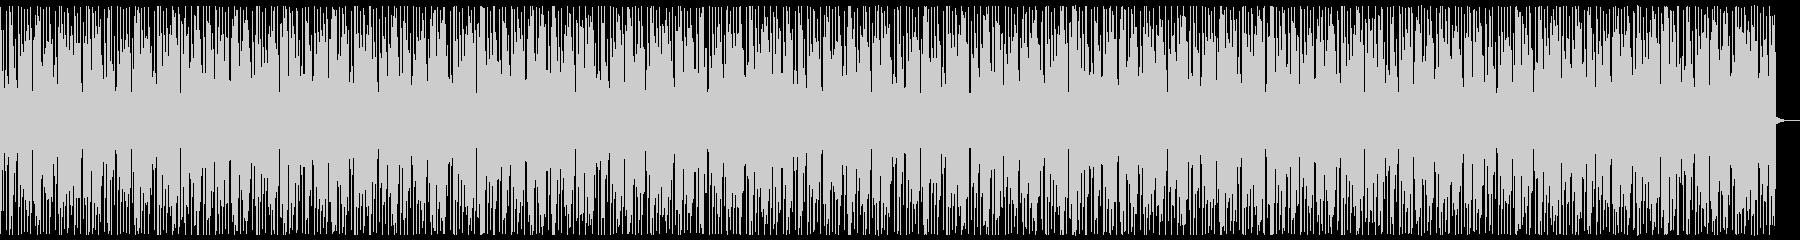 アップテンポでダンサブルなナンバーの未再生の波形